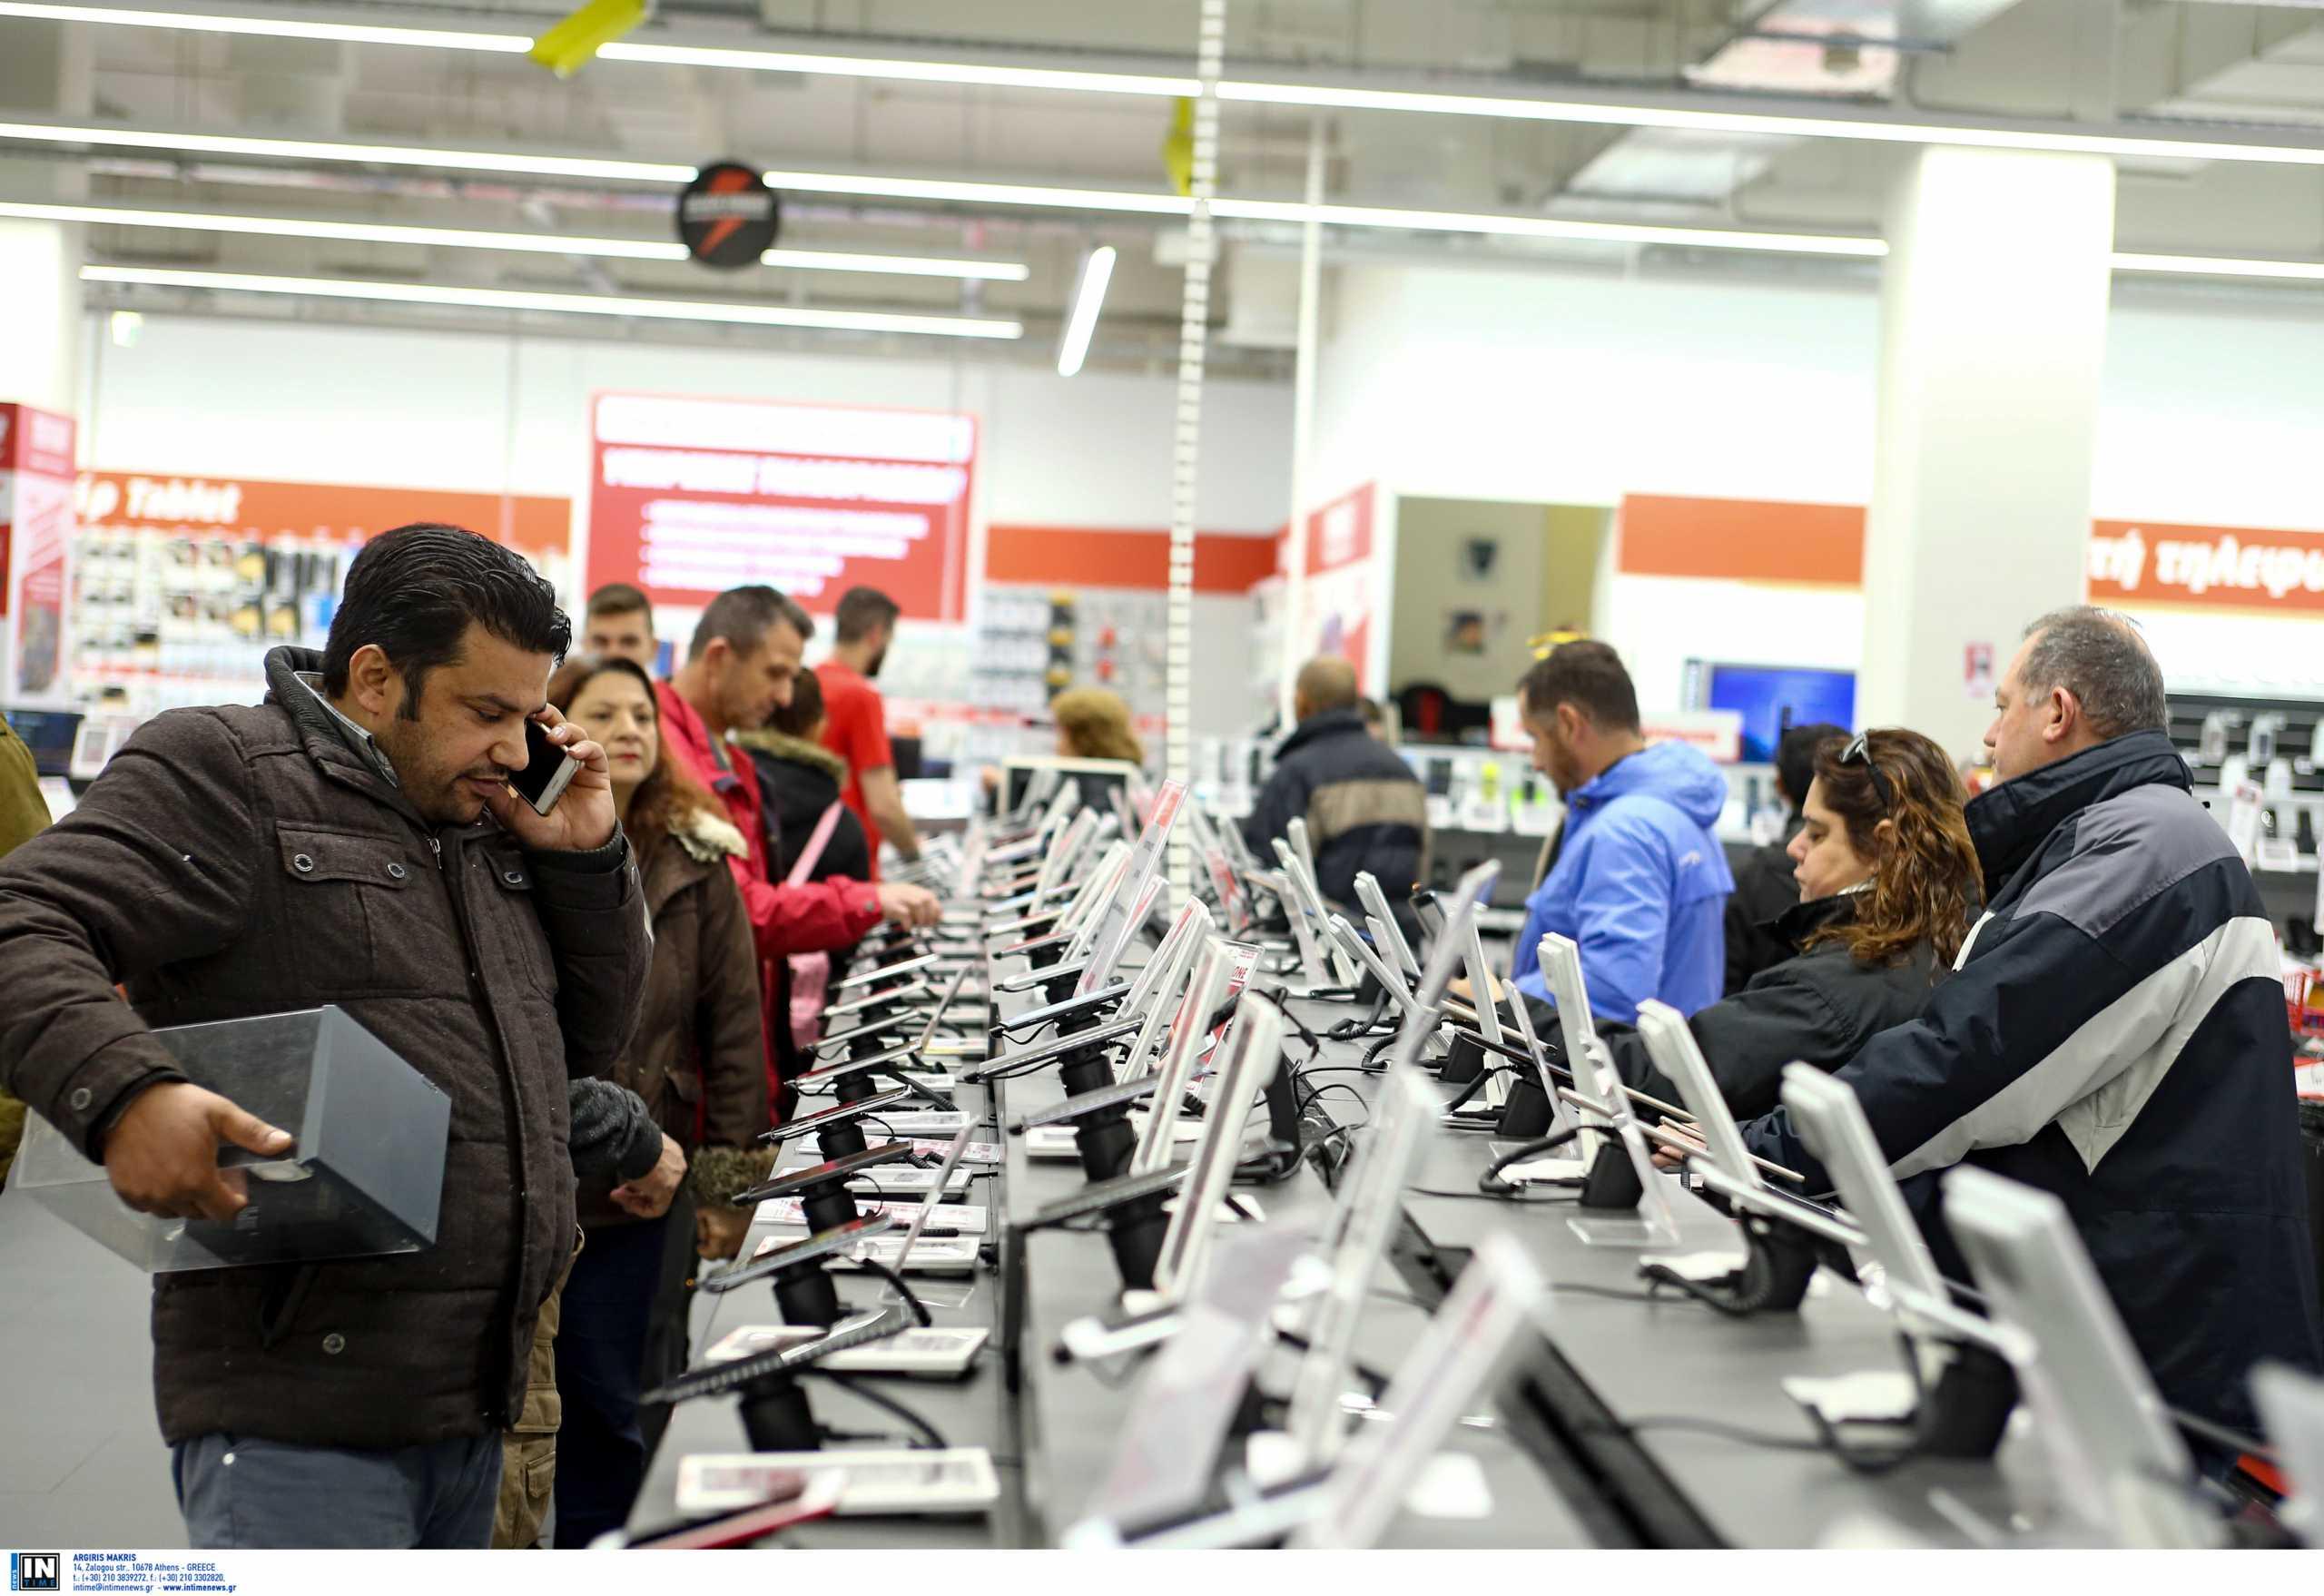 Ανοιχτά μαγαζιά και τις Κυριακές: Διευρύνεται η λίστα καταστημάτων και επιχειρήσεων που θα λειτουργούν